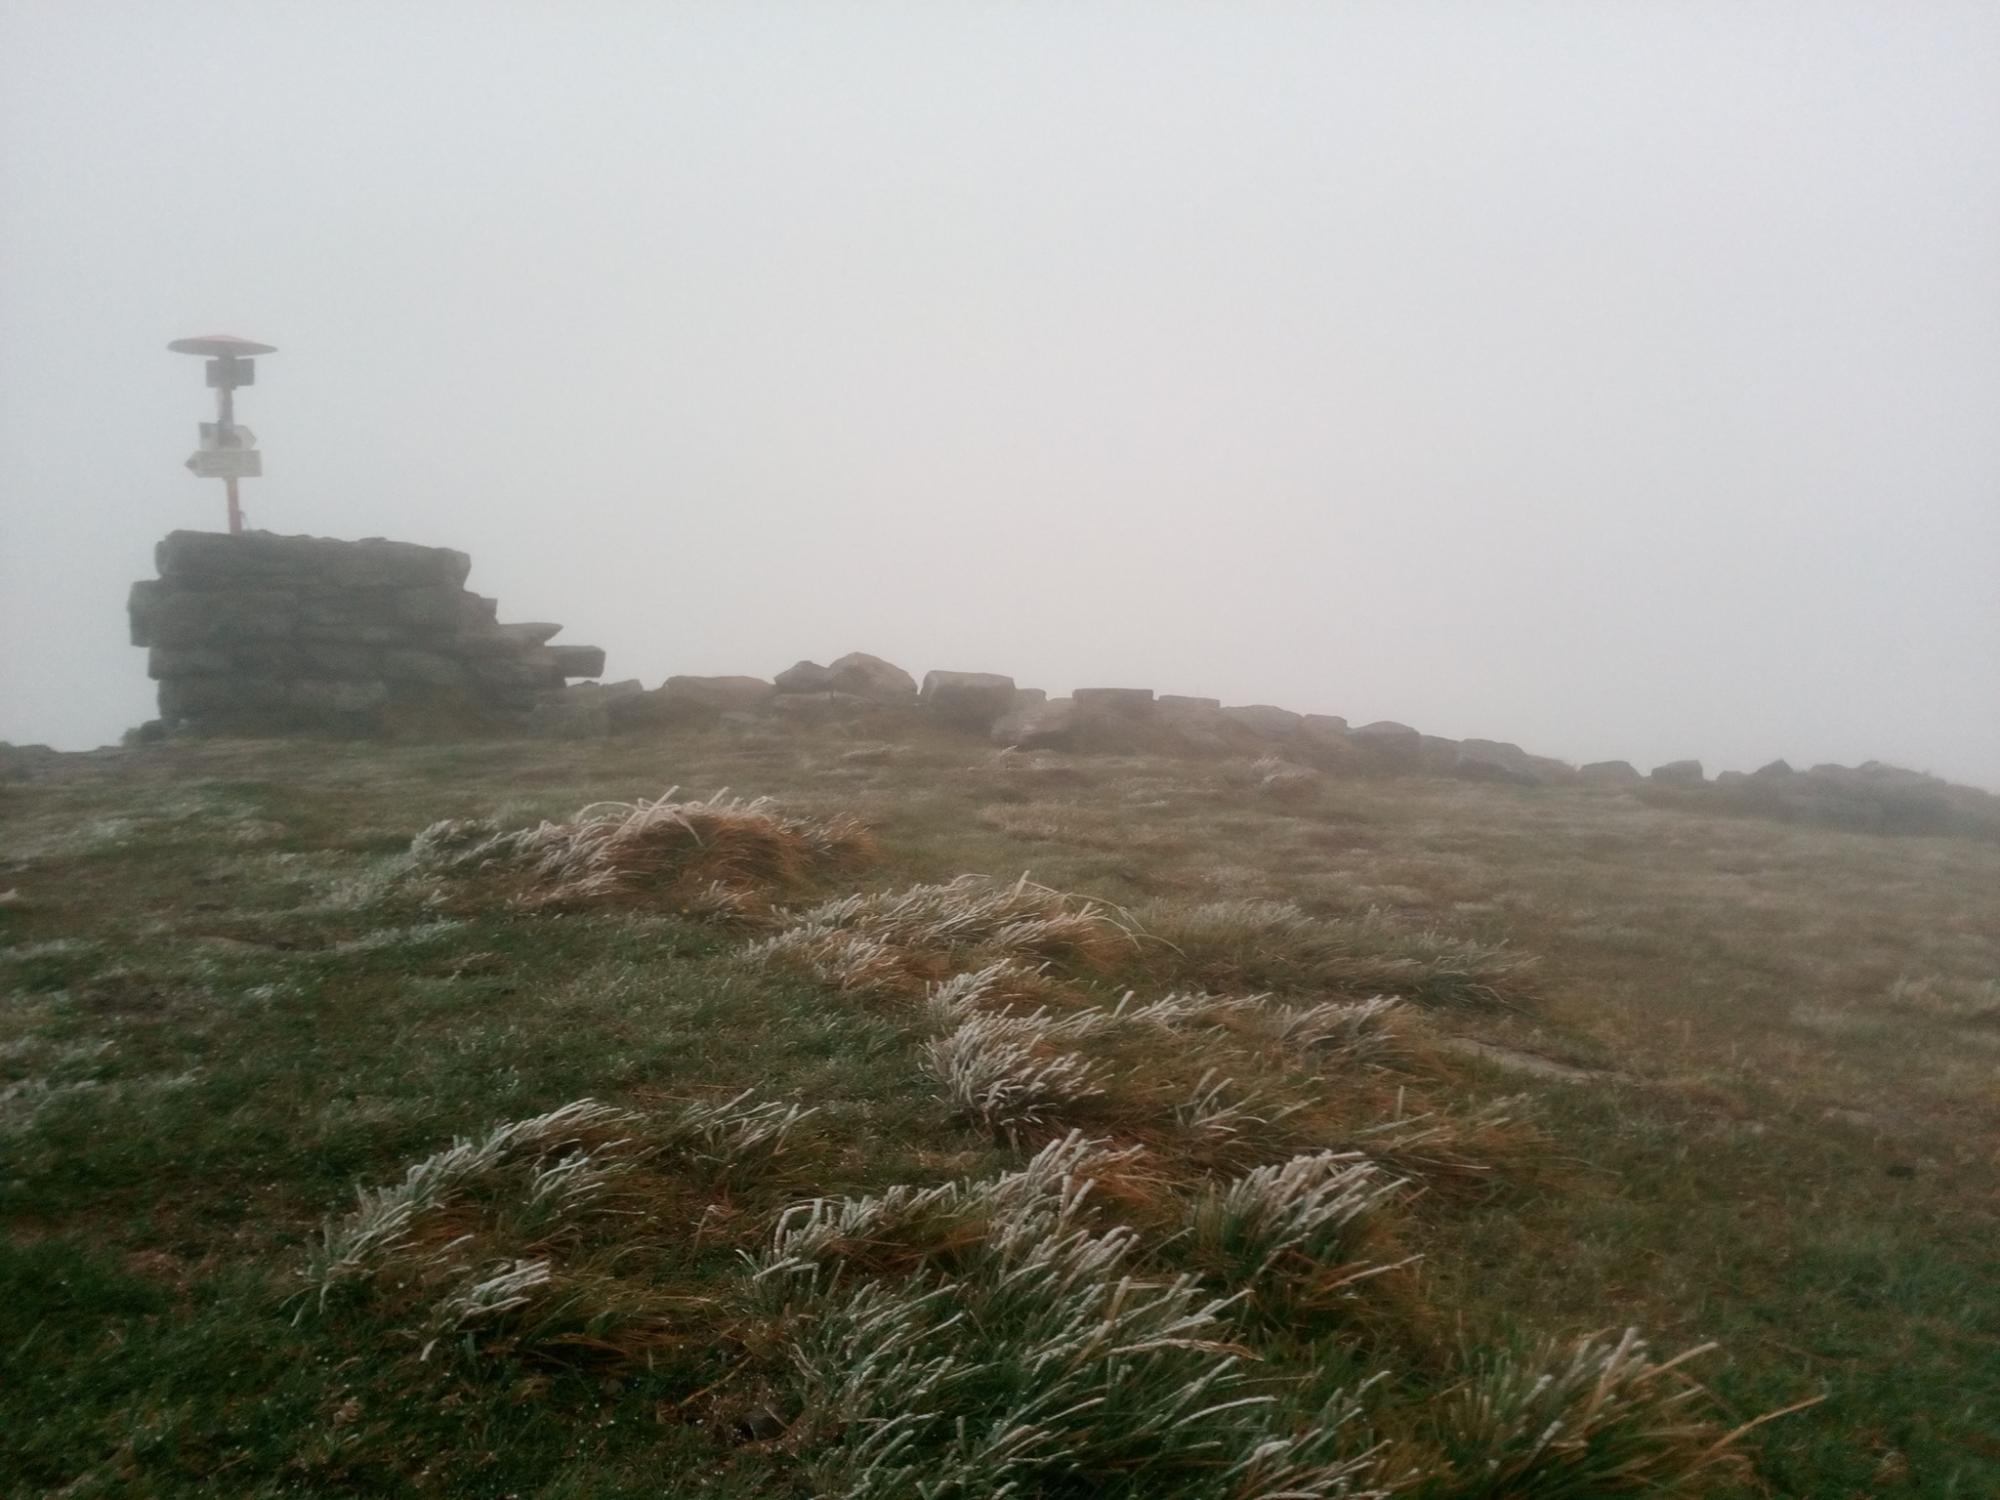 Зима прийшла: у мережі з'явилося фото першого снігу в Буковелі